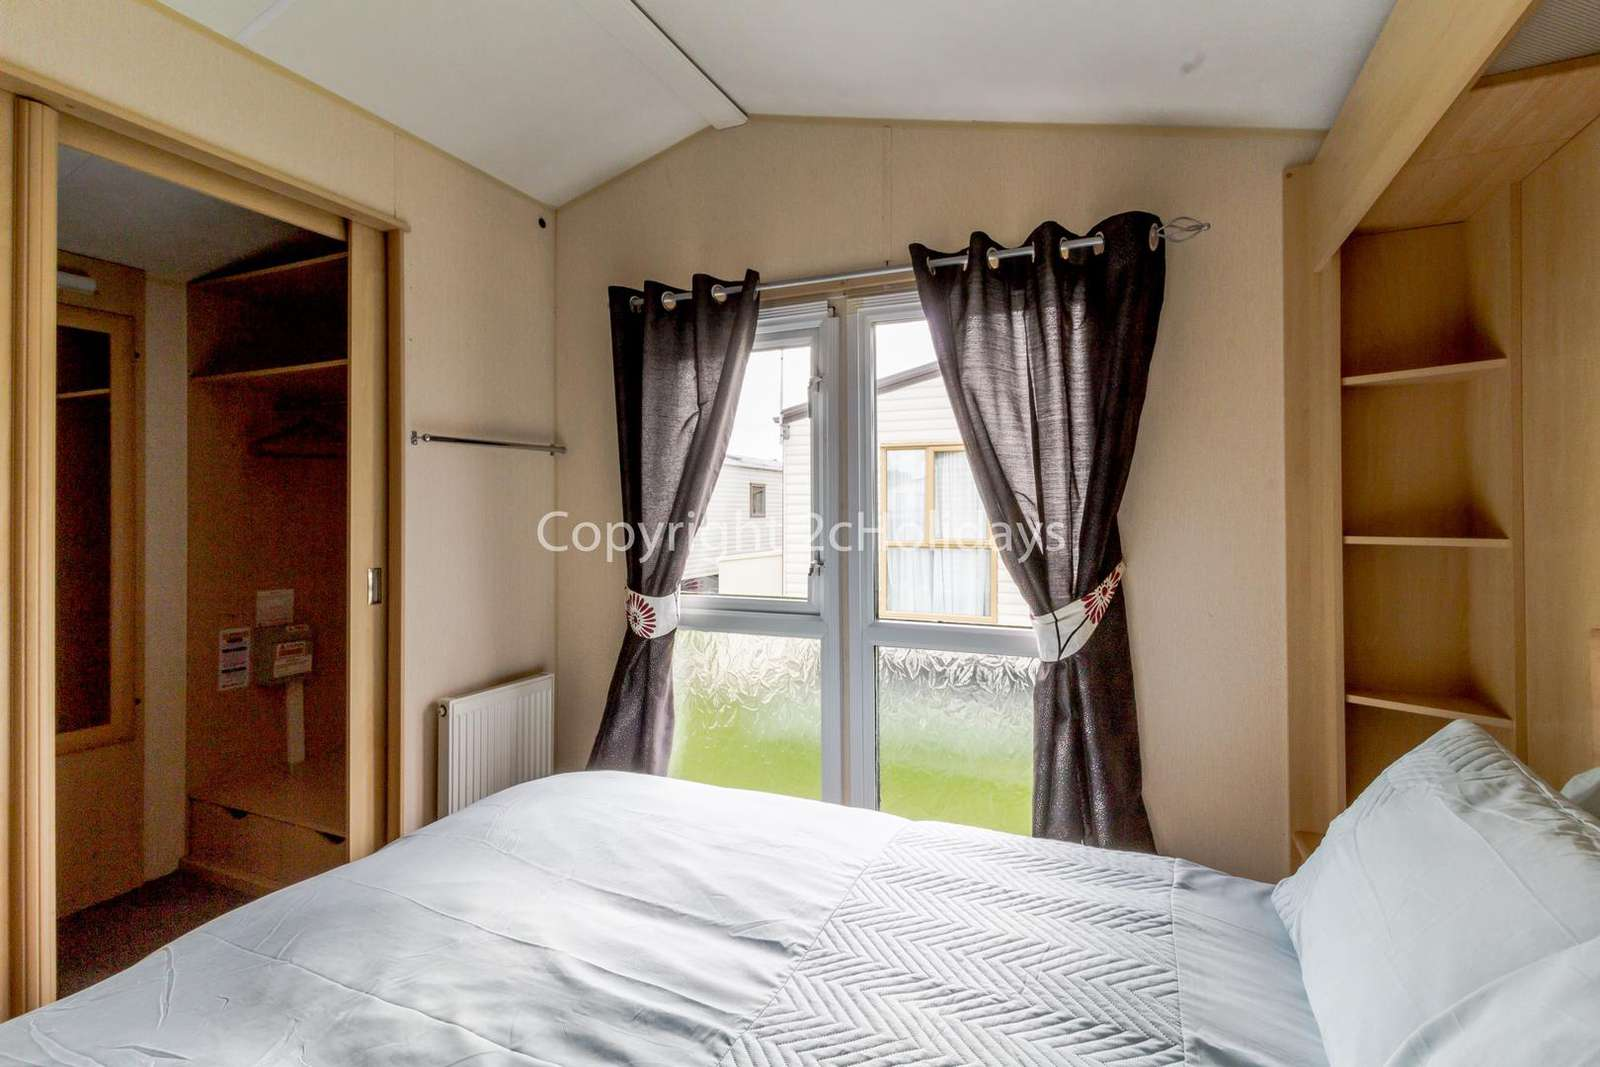 Master bedroom with an en-suite!